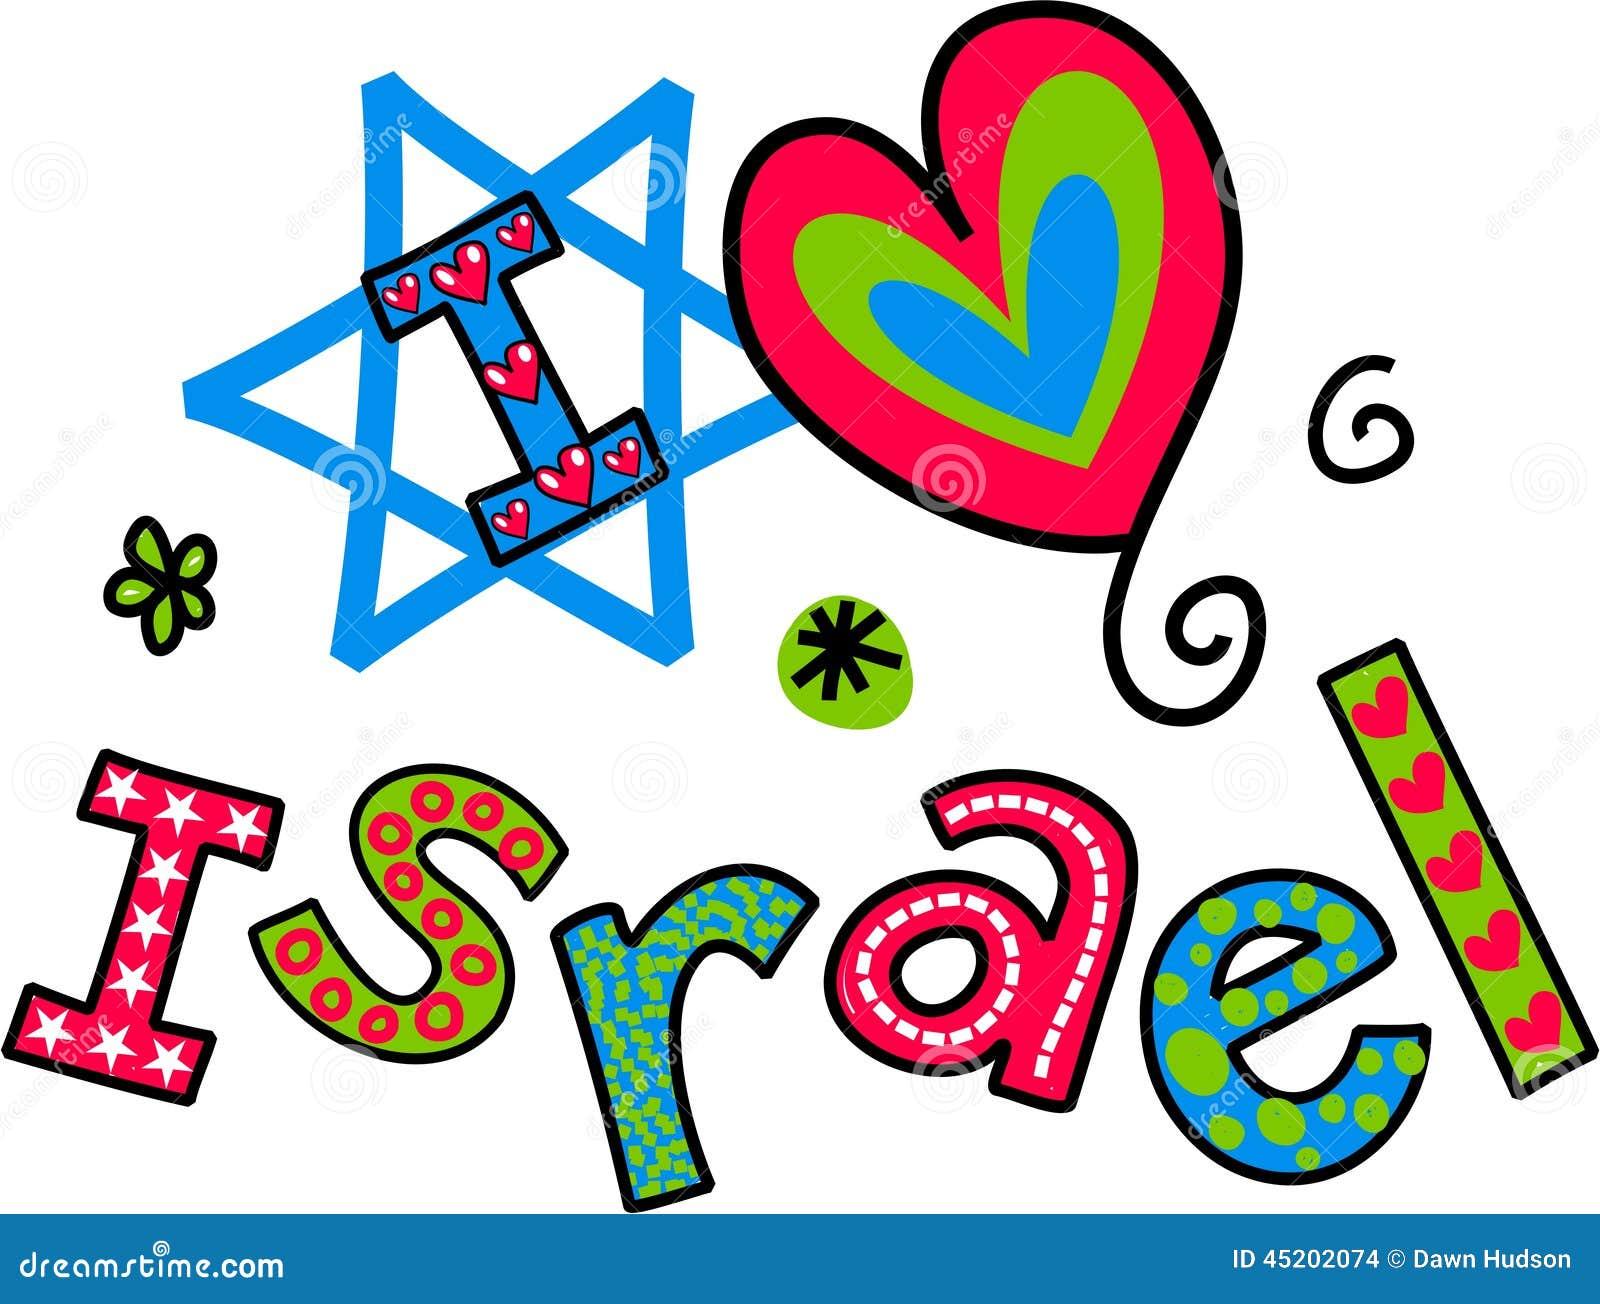 Израиль картинка с надписью